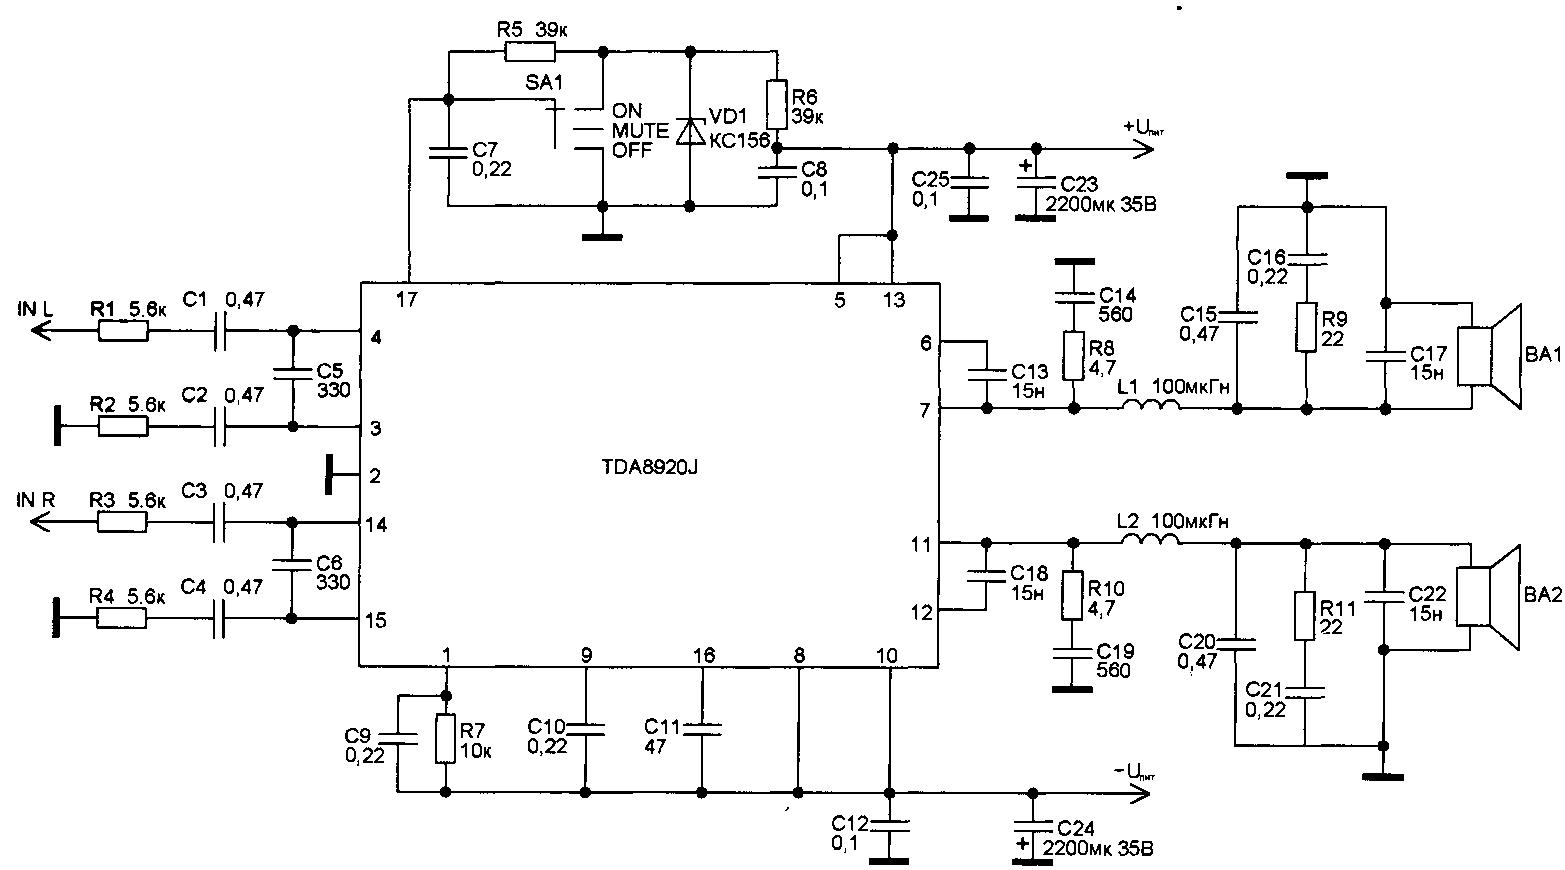 Предварительный усилитель на аудиопроцессоре tda7318 (tda7313) и arduino. часть 1 » журнал практической электроники датагор (datagor practical electronics magazine)